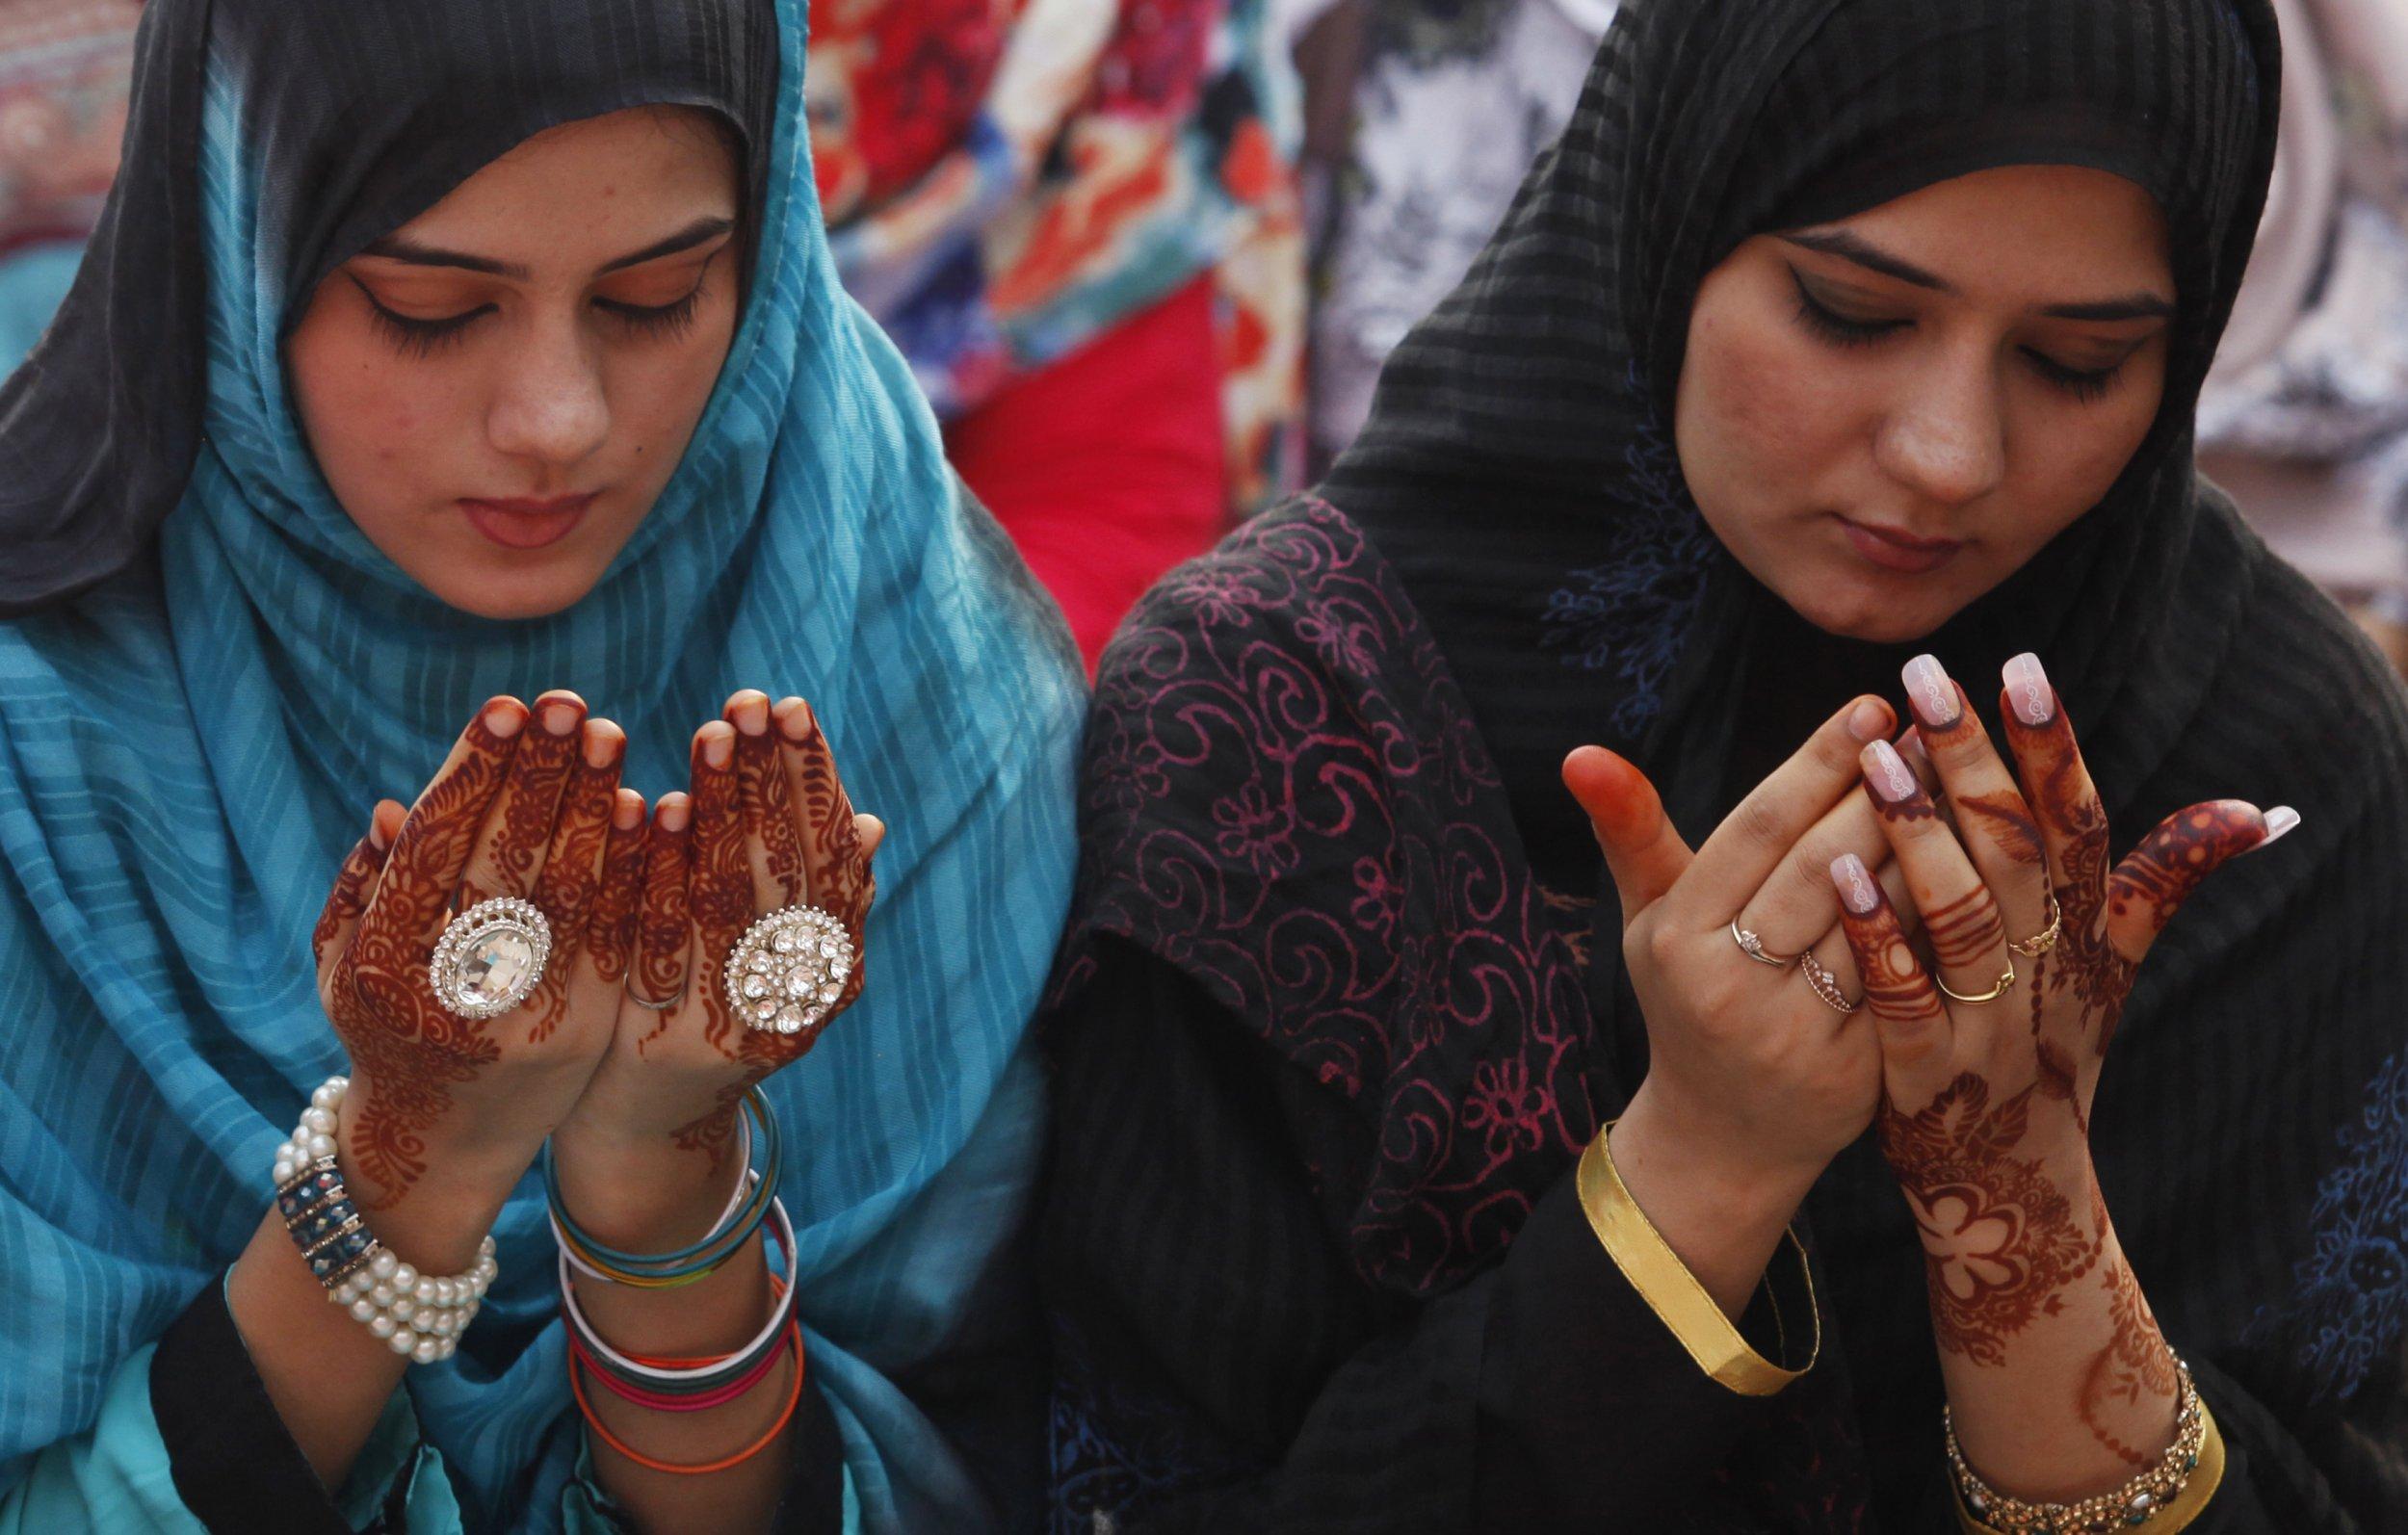 Muslim women during Eid al-Adha